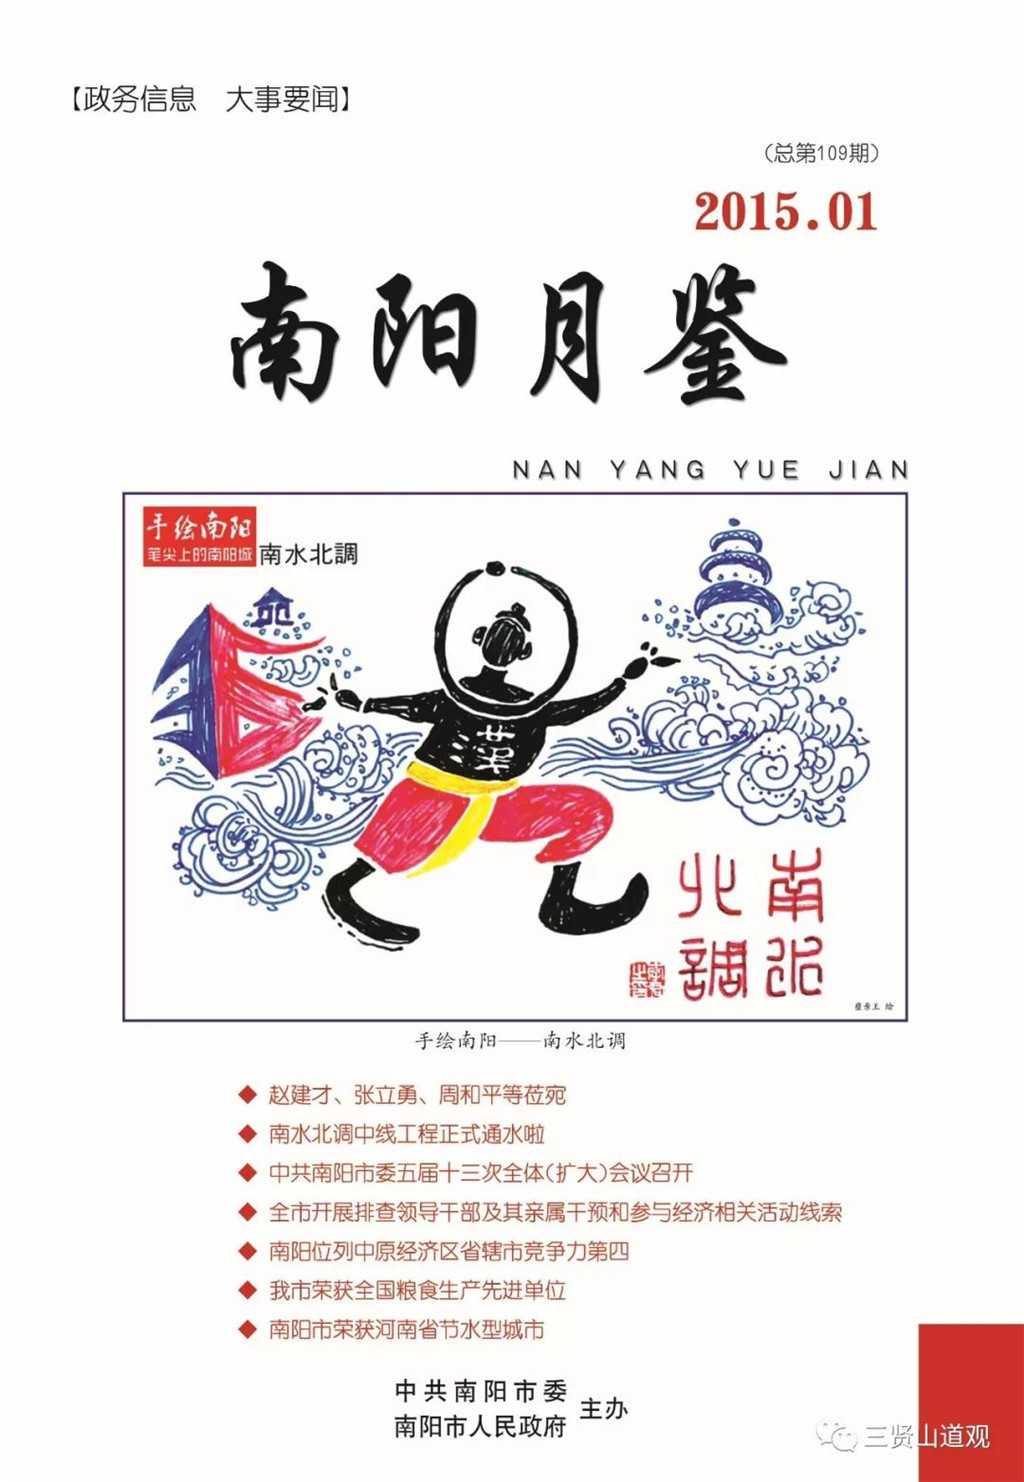 来源:中共南阳市委《南阳月鉴》